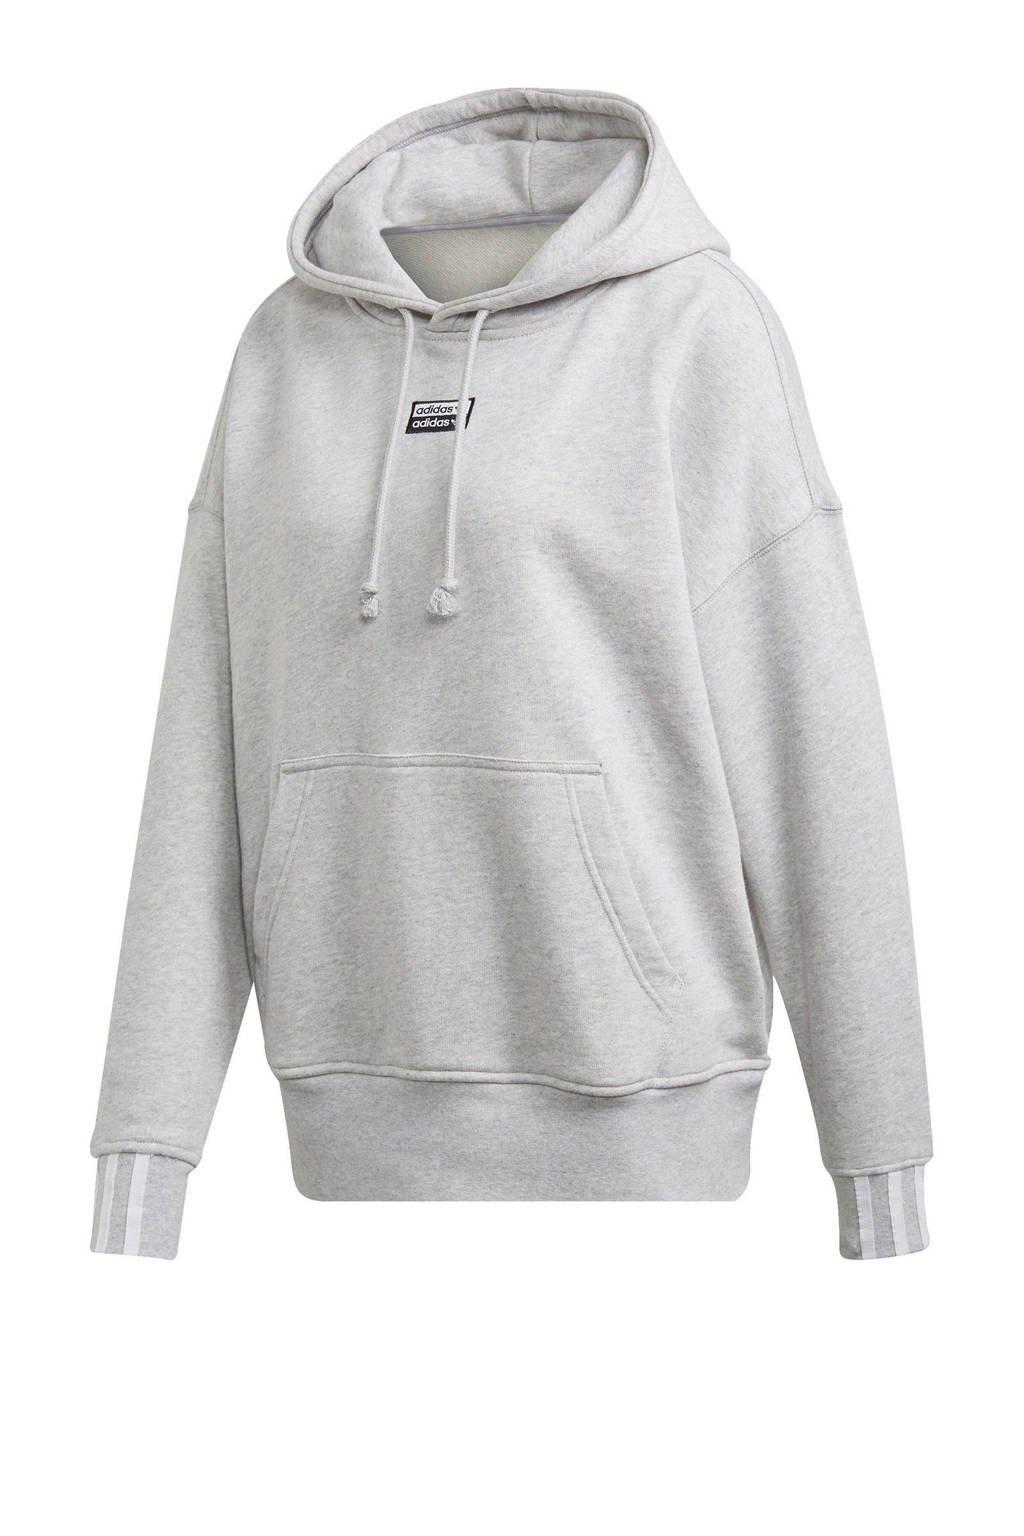 adidas Originals hoodie grijs melange, Grijs me